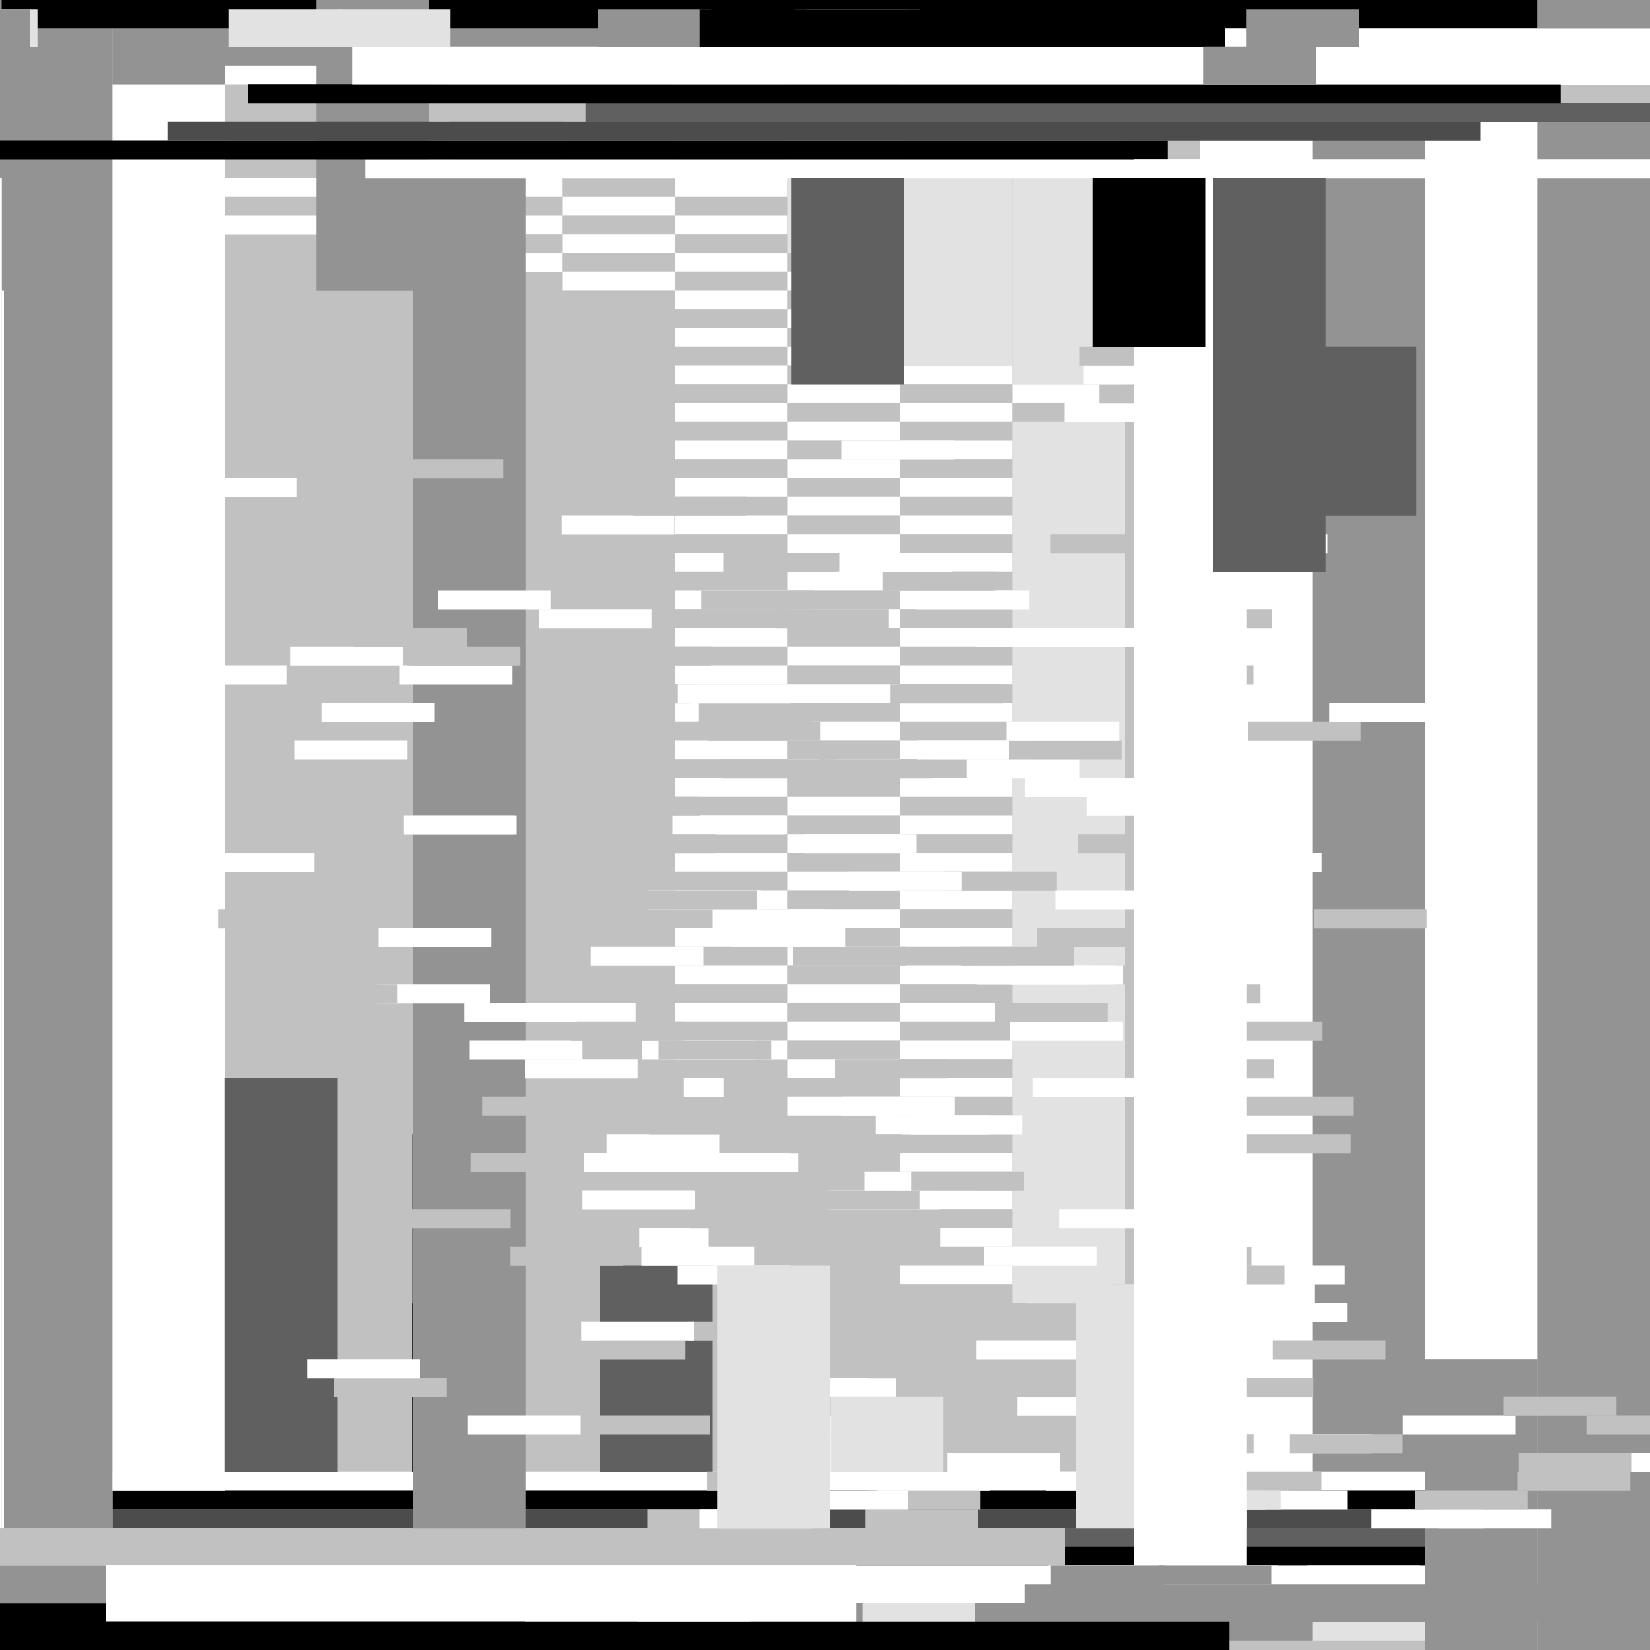 Pixels-01.png